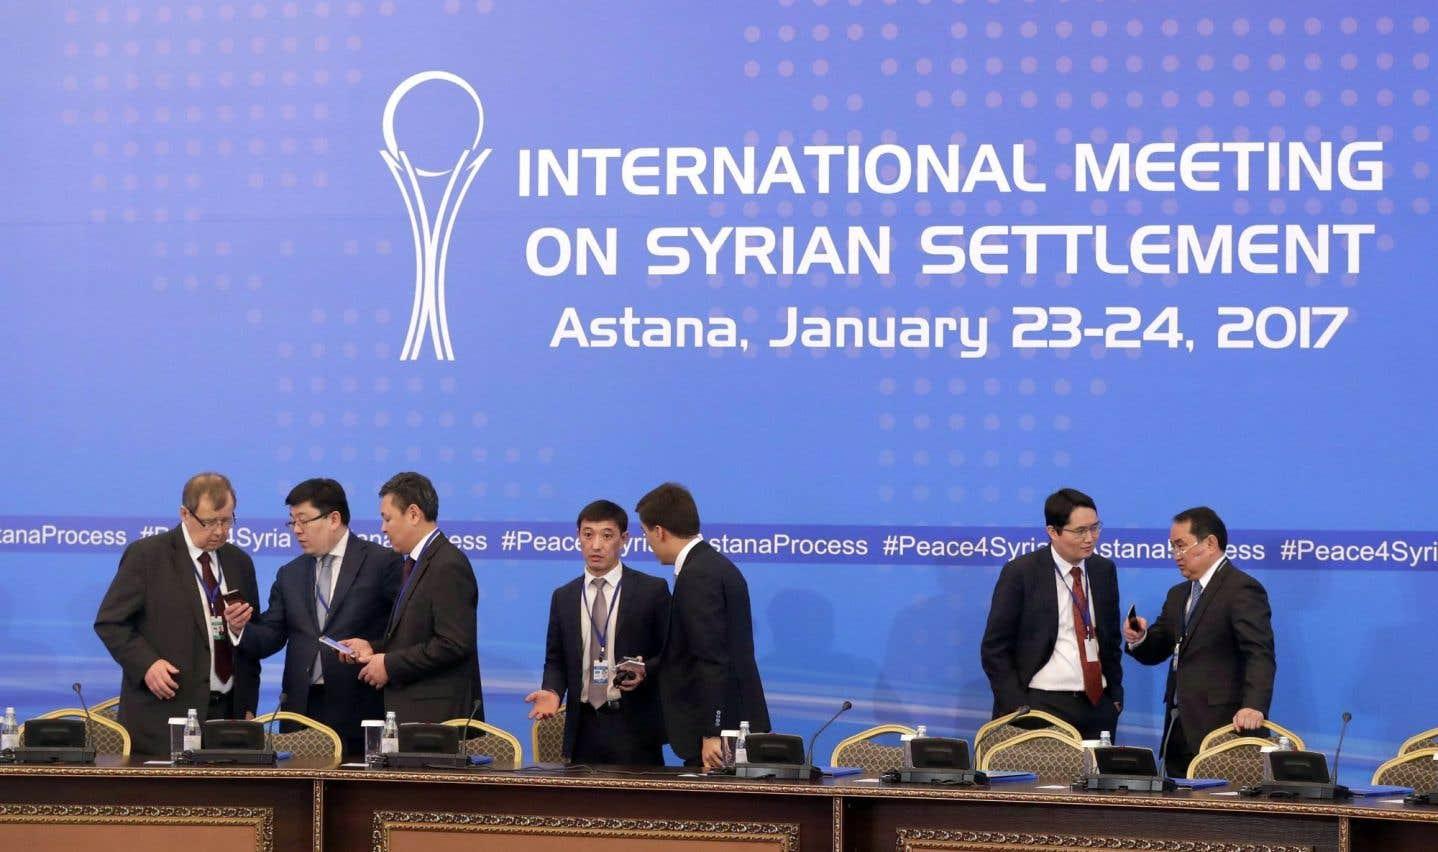 Les négociations sur la Syrie qui se sont déroulées à Astana ont mis en lumière le rôle crucial des médiateurs qui s'efforcent de négocier la paix avec tous les acteurs du conflit syrien.